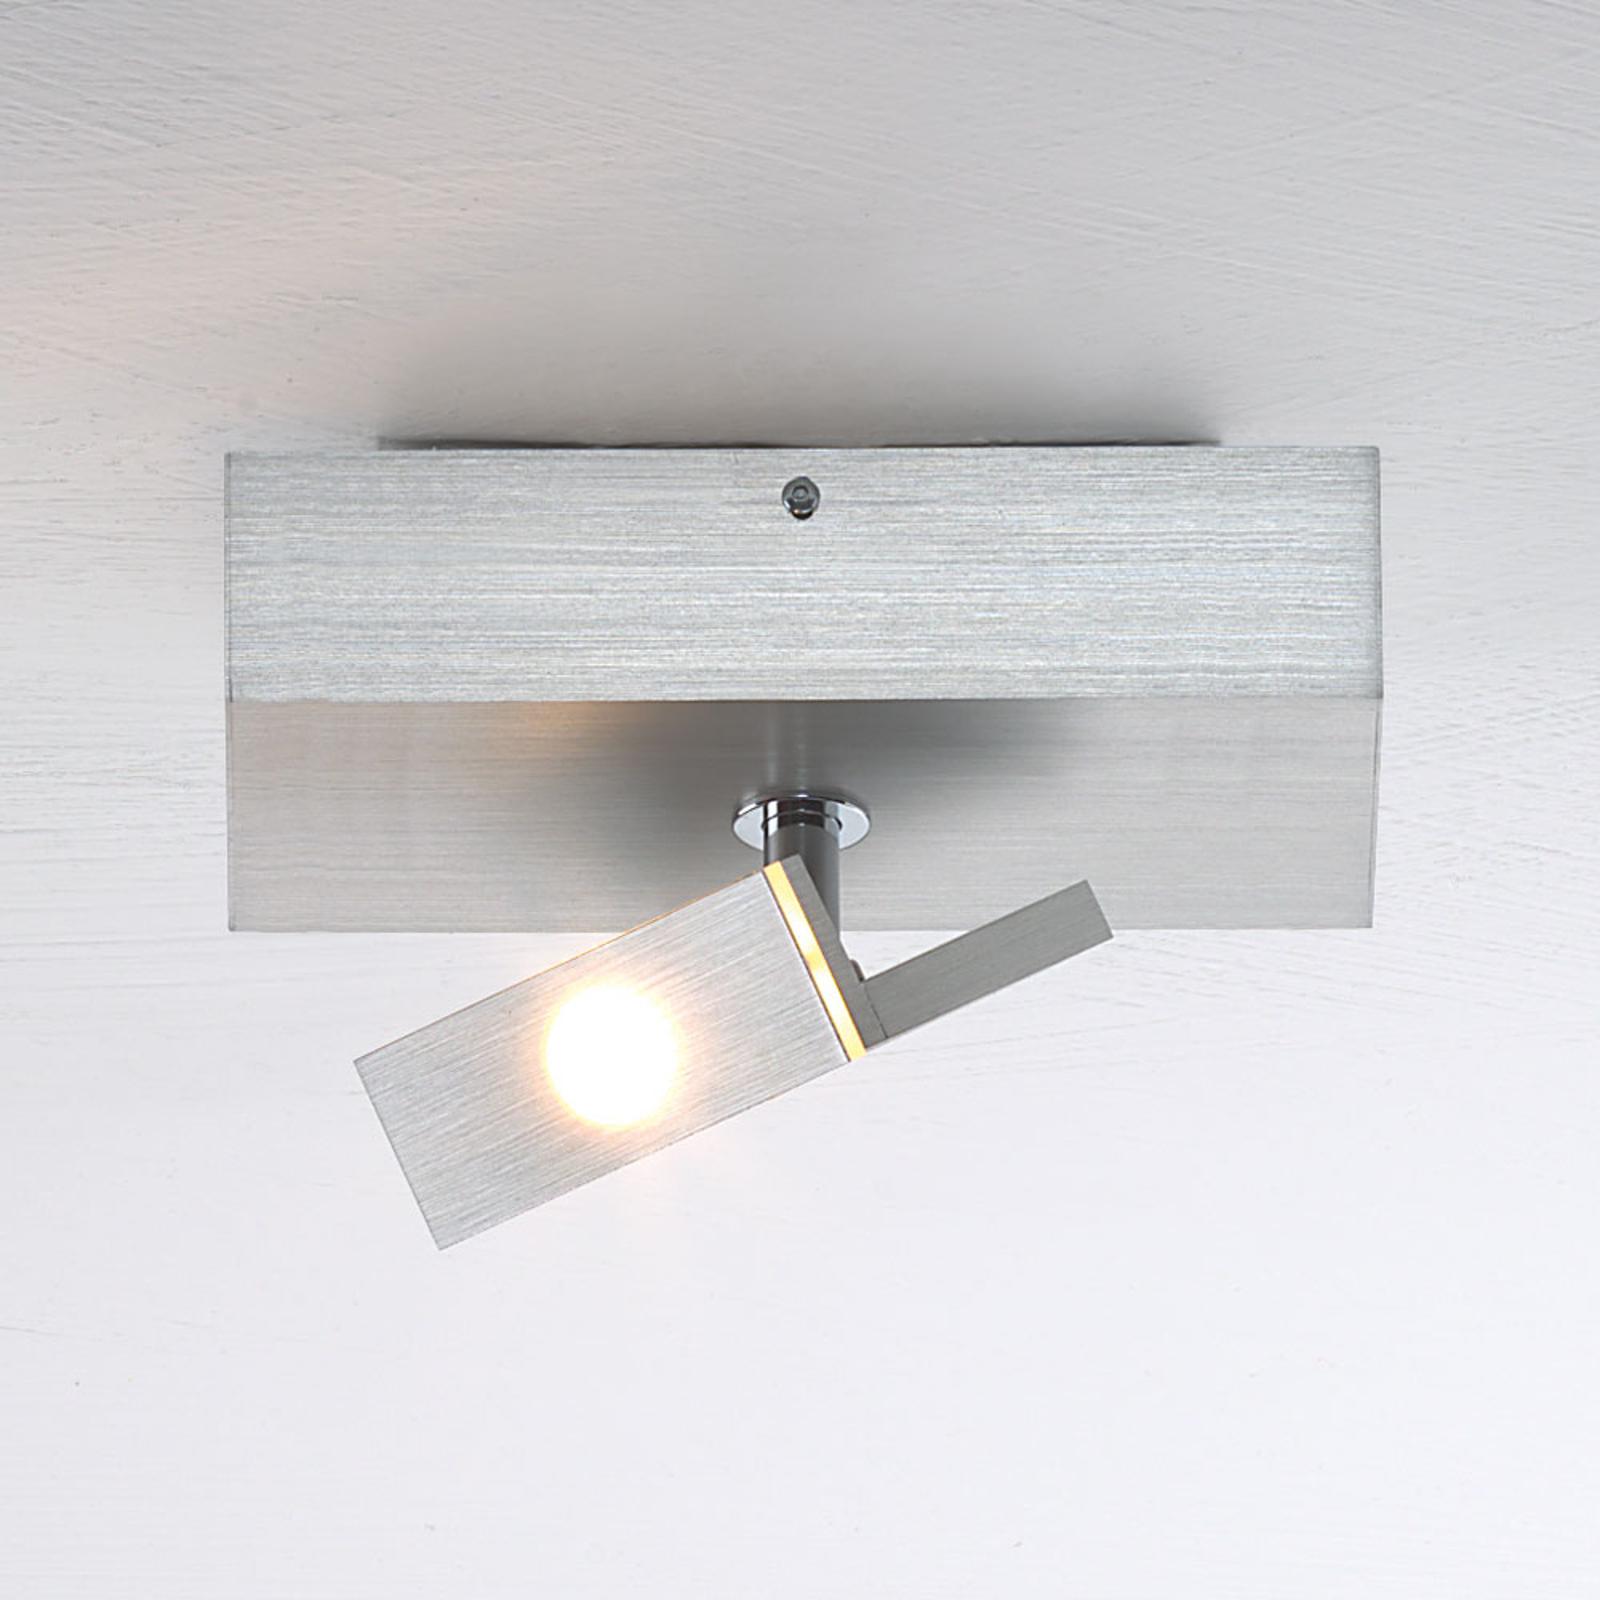 Foco de techo LED Elle, basculante y atenuable